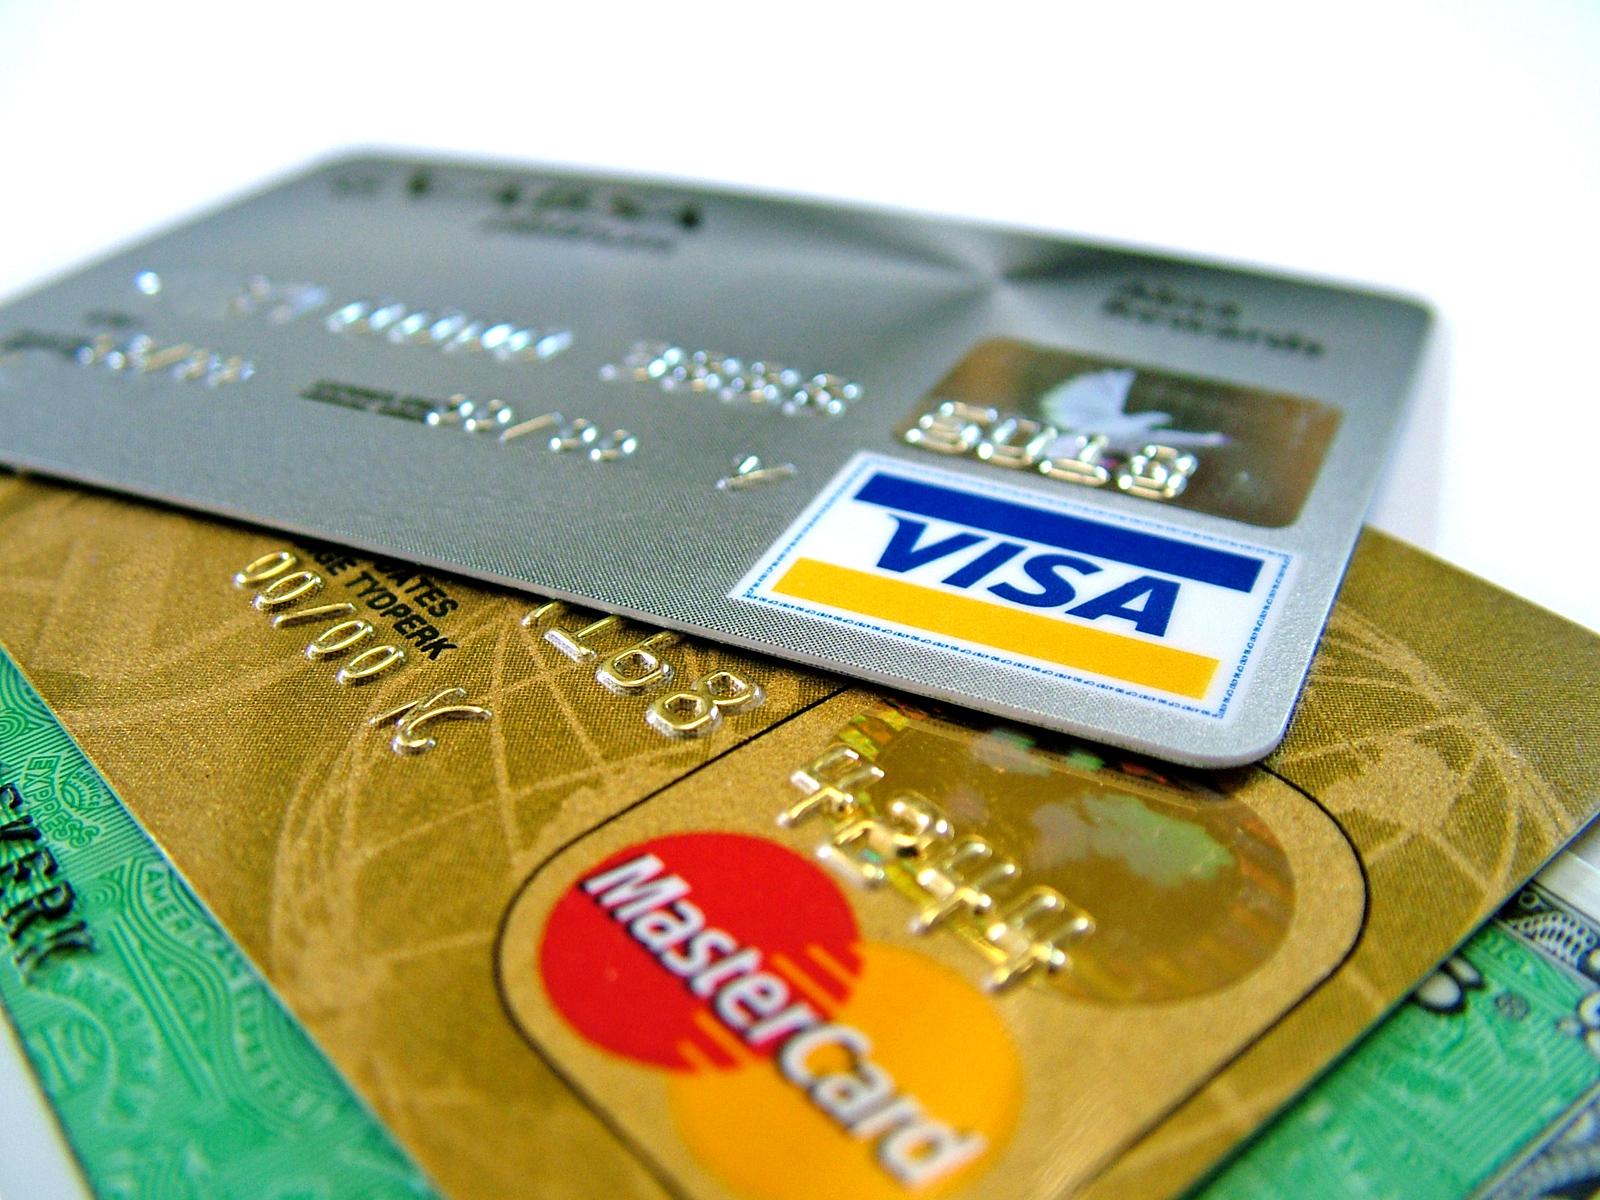 accettare pagamenti con carta di credito online